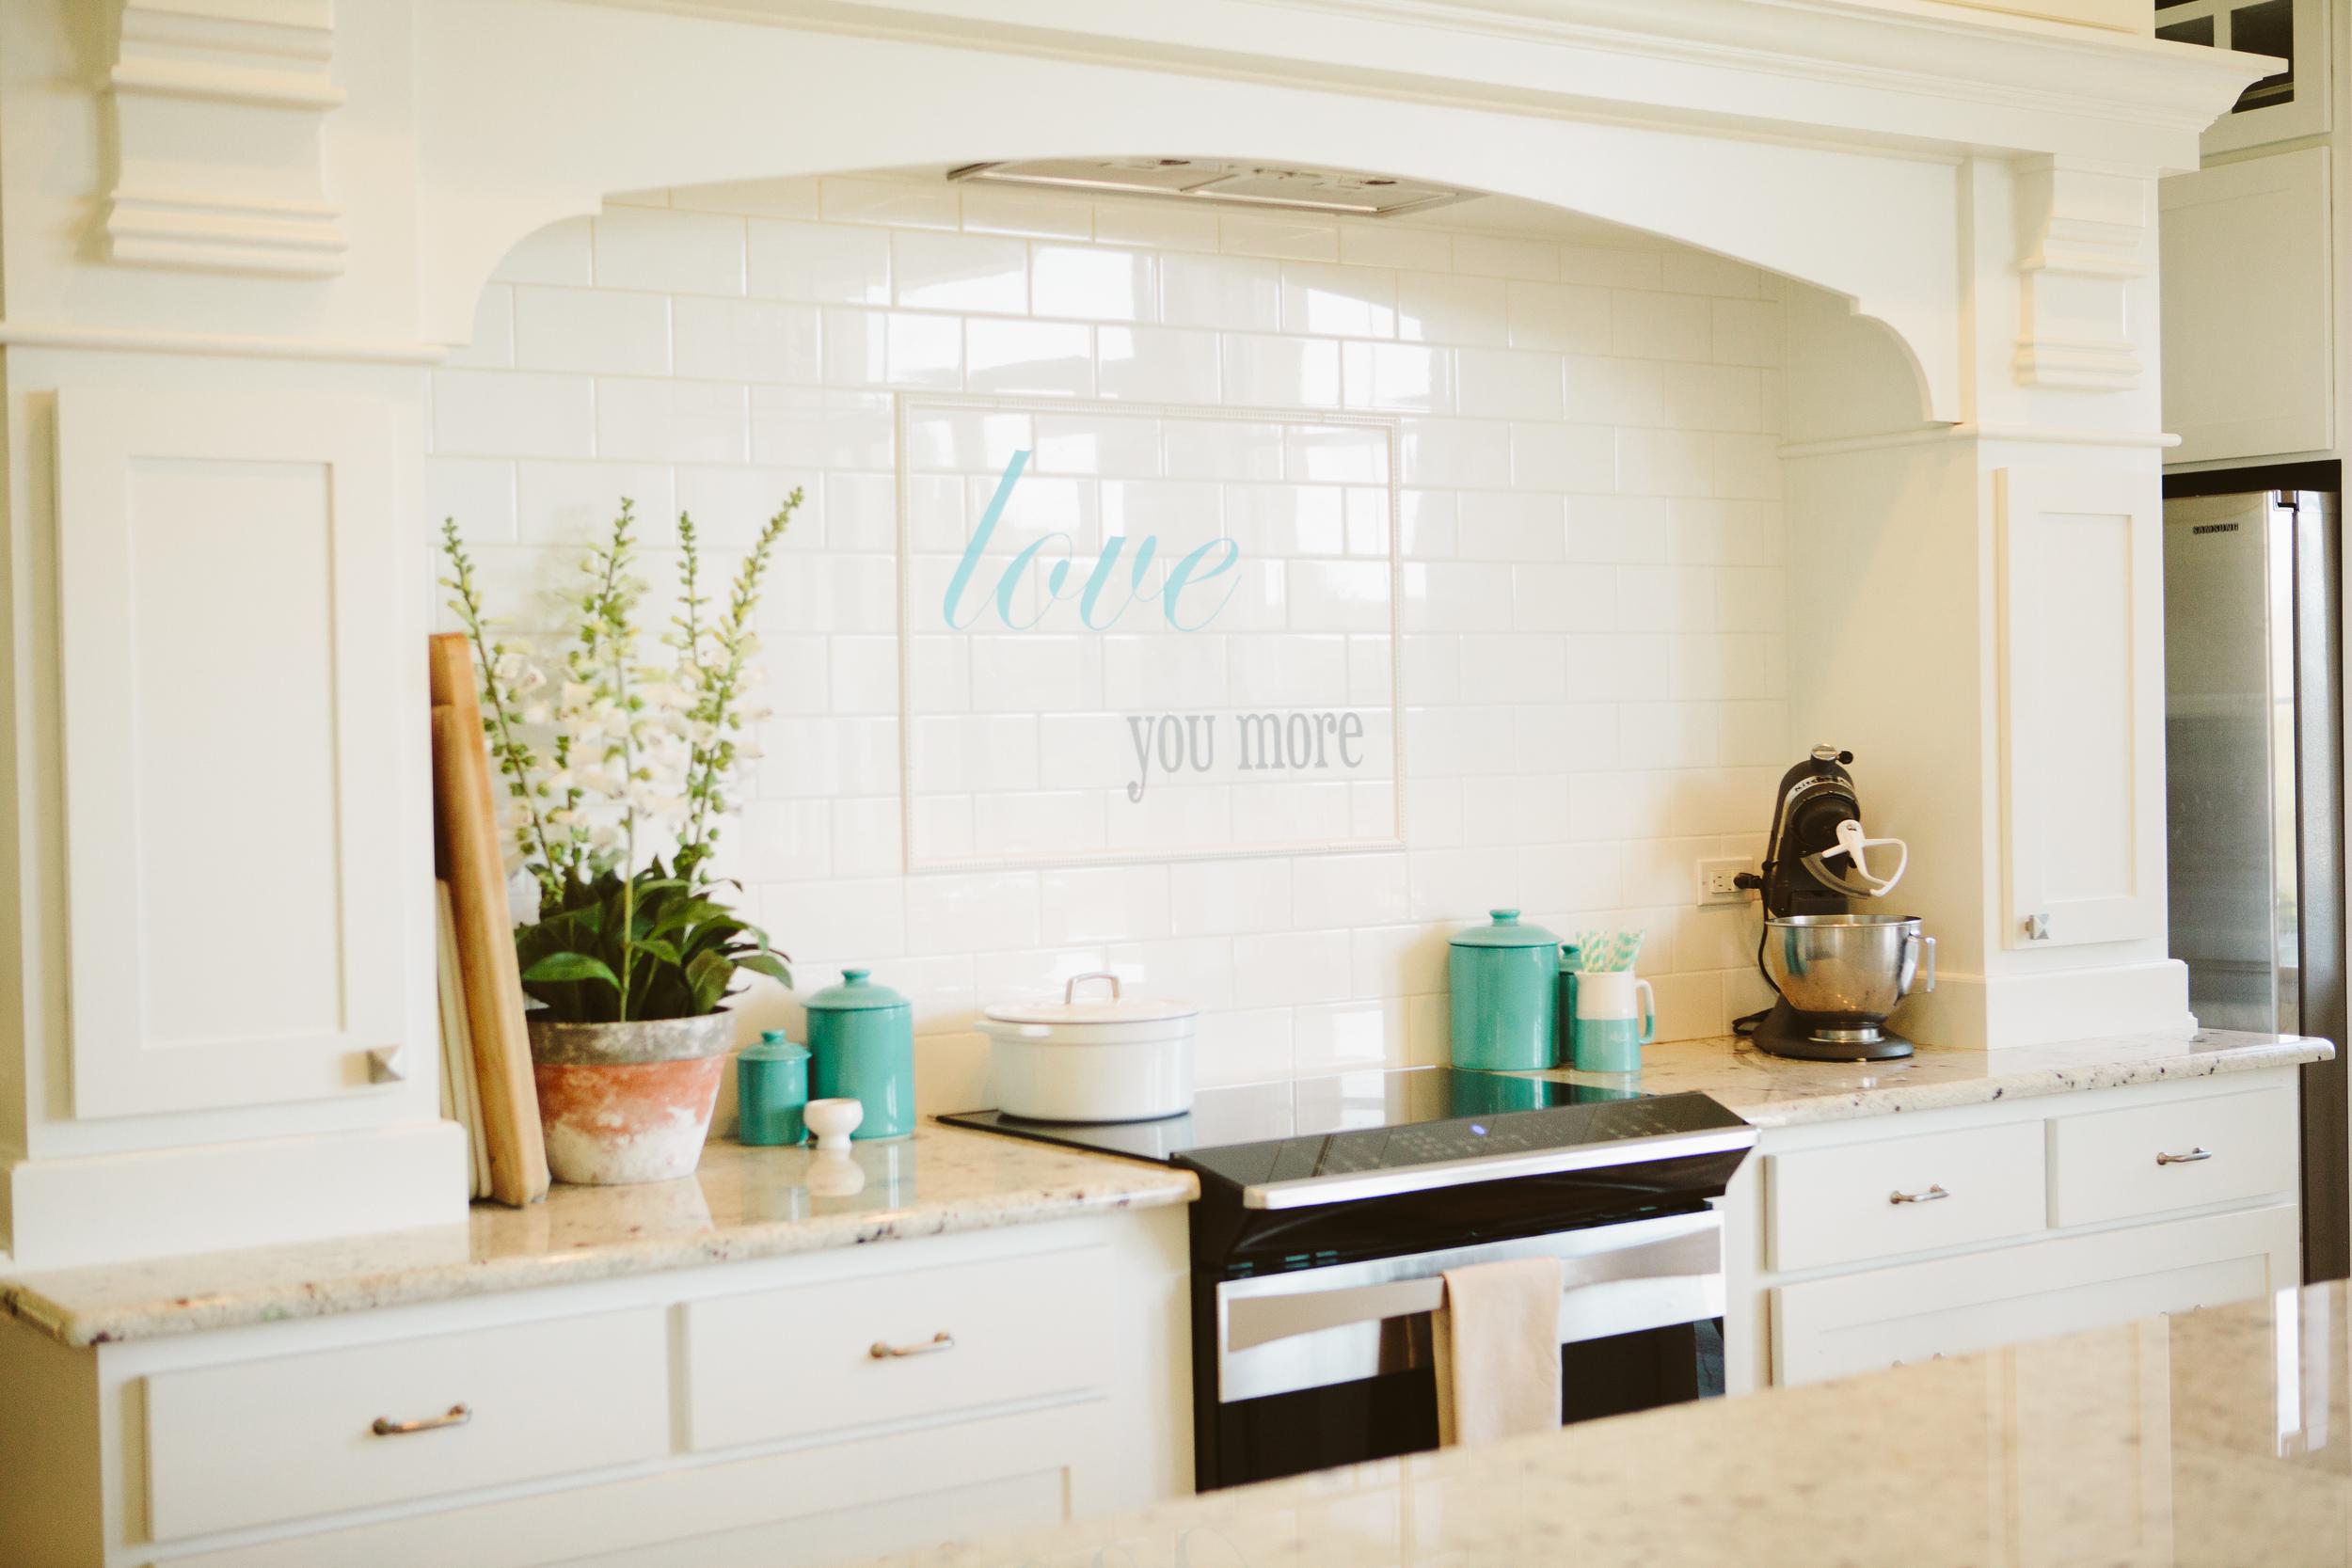 allure kitchen-31.jpg